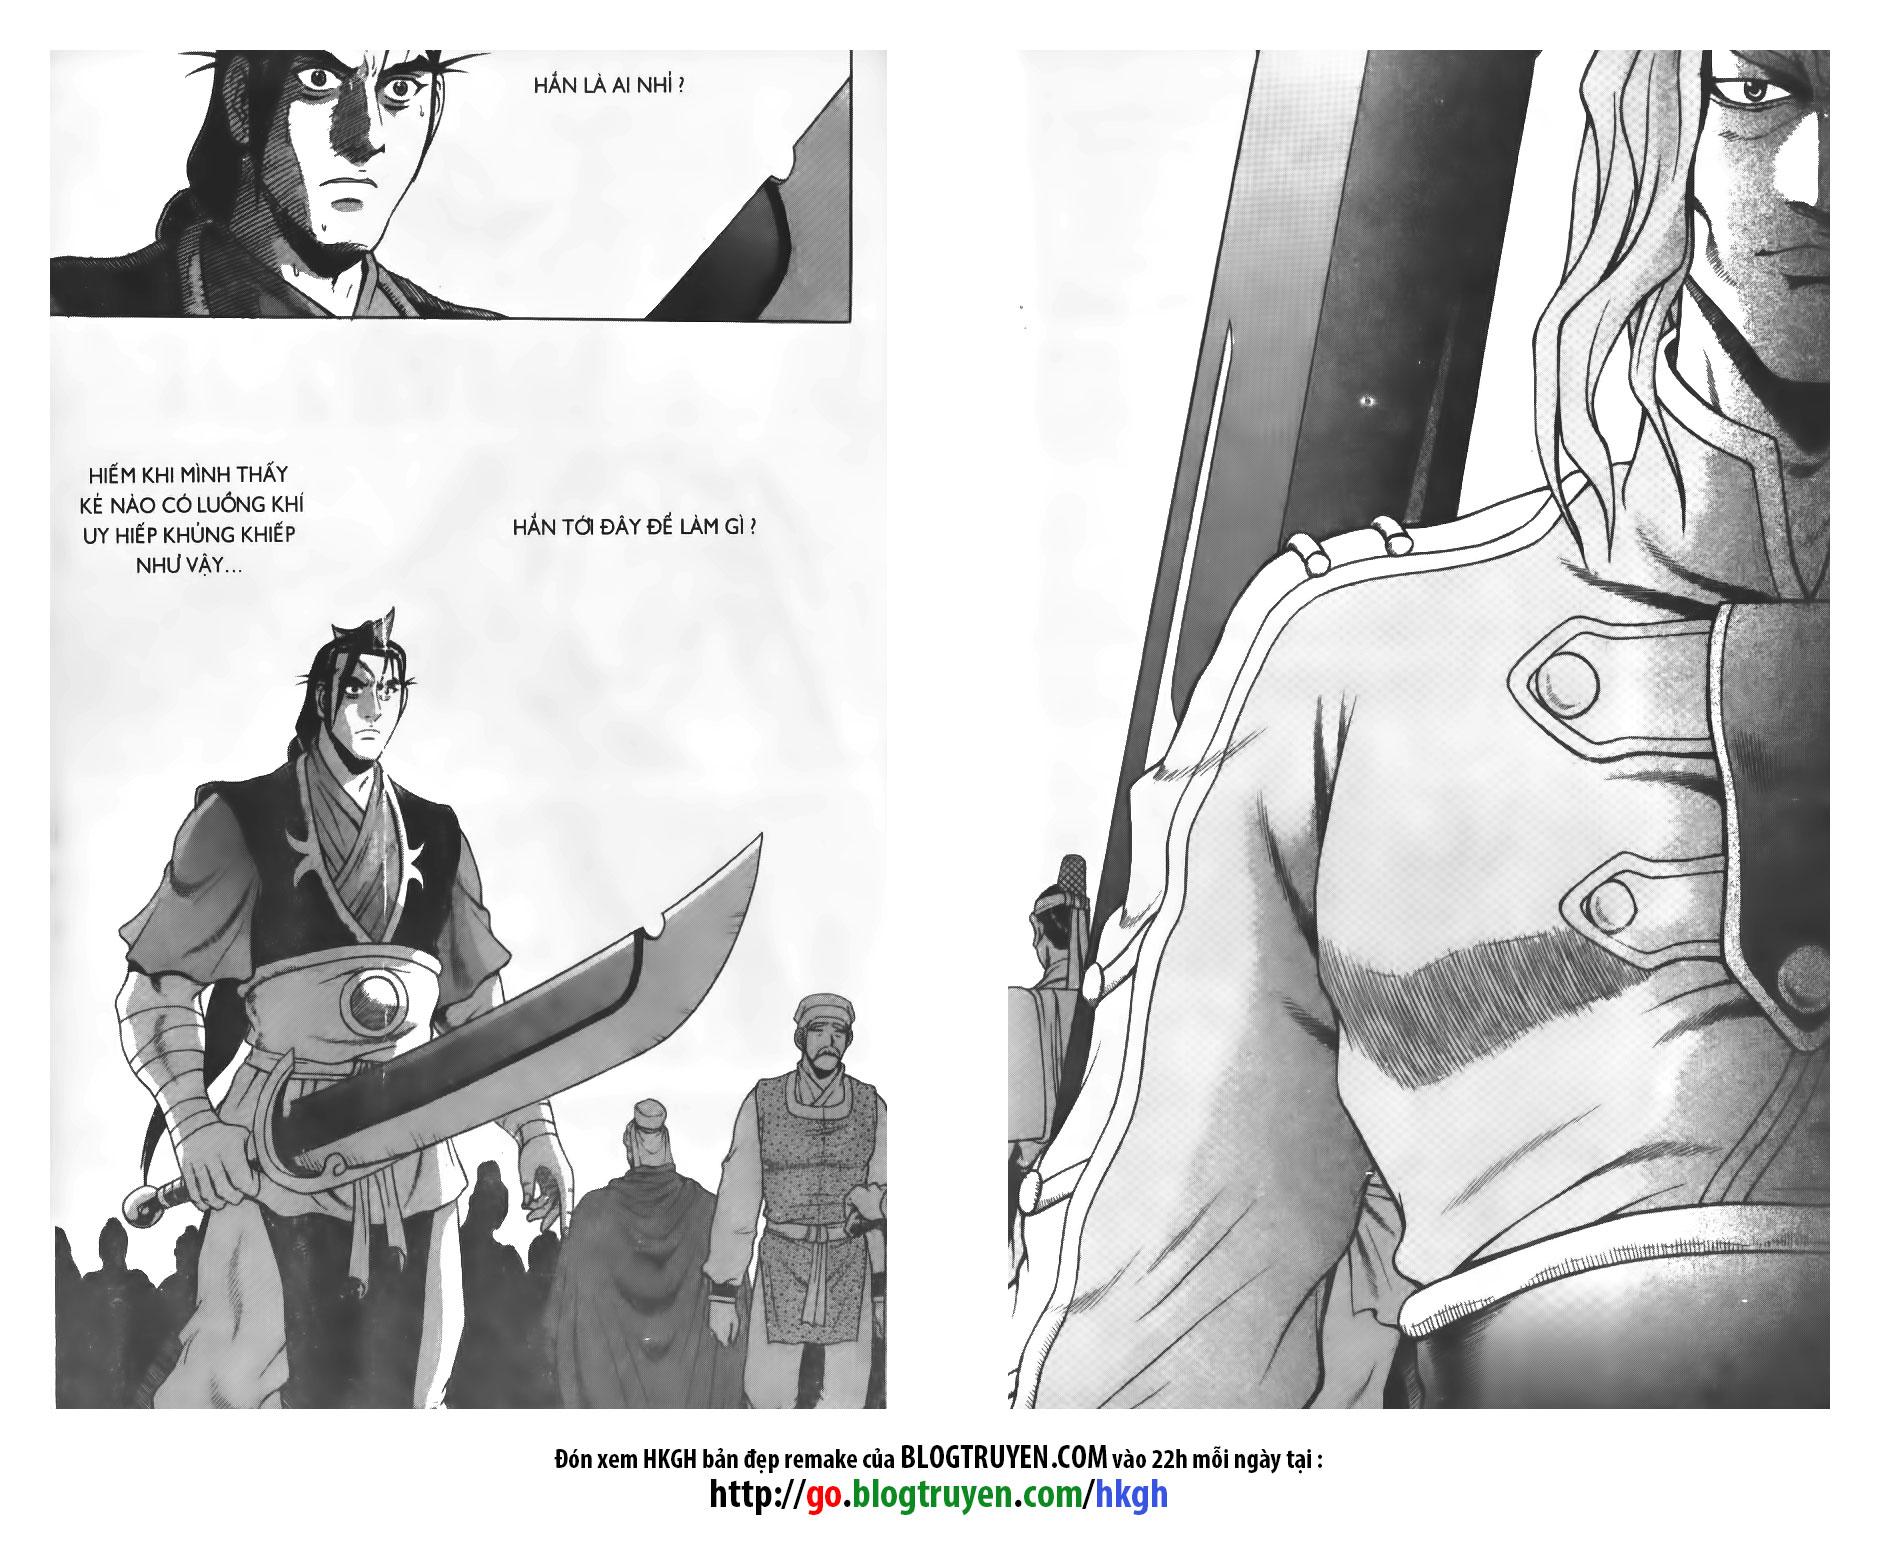 xem truyen moi - Hiệp Khách Giang Hồ Vol36 - Chap 243 - Remake